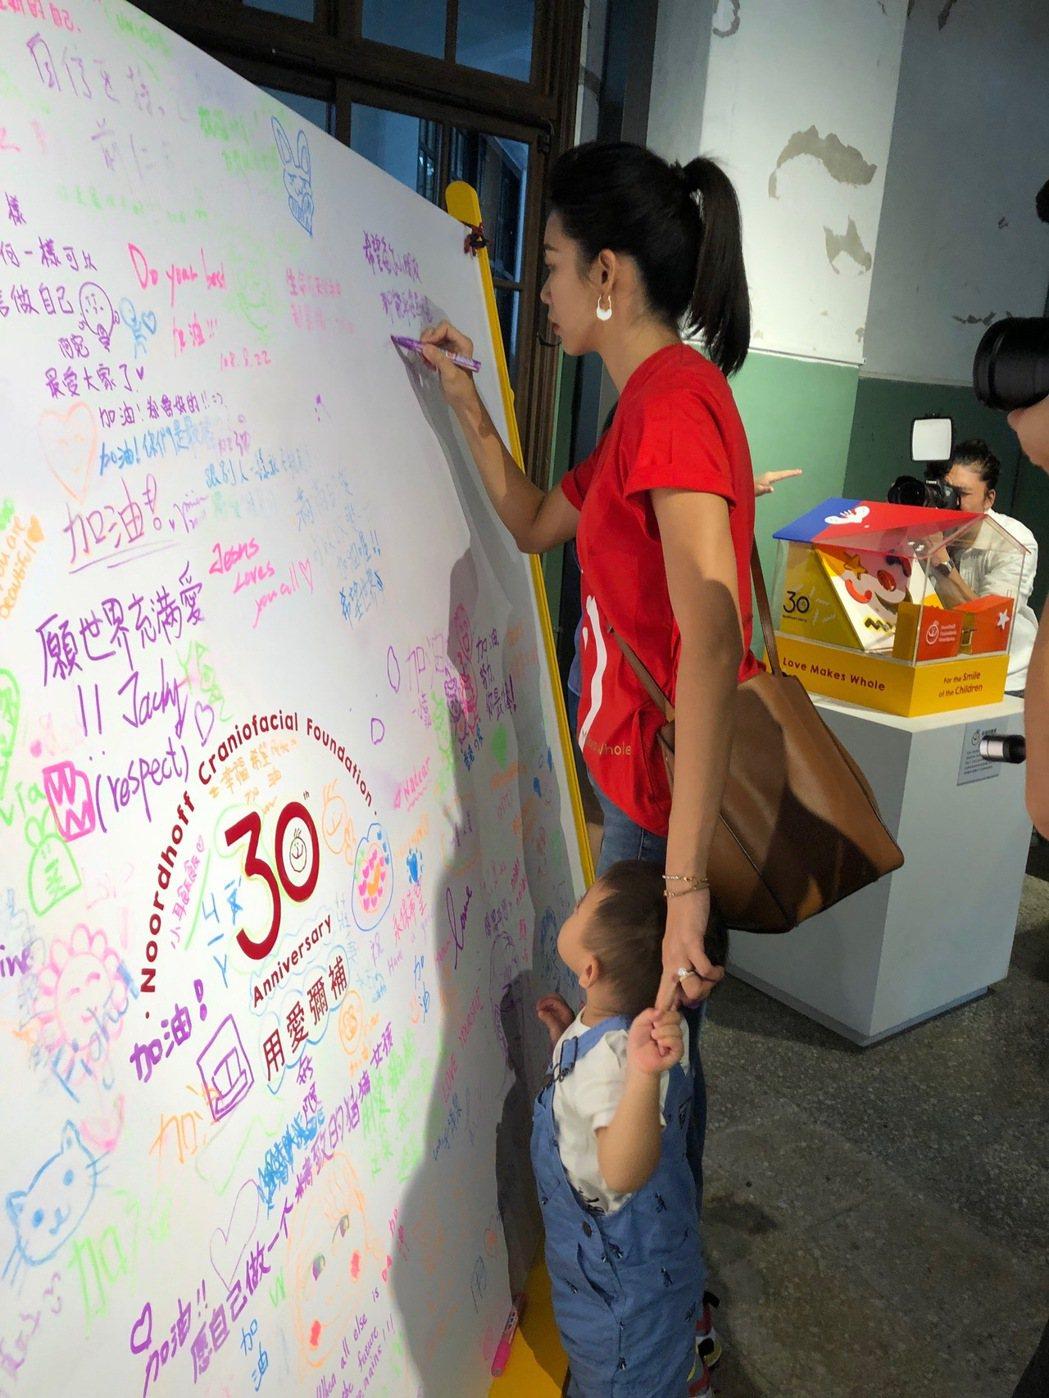 林可彤出席公益活動在背板上簽名。圖/星浪娛樂提供